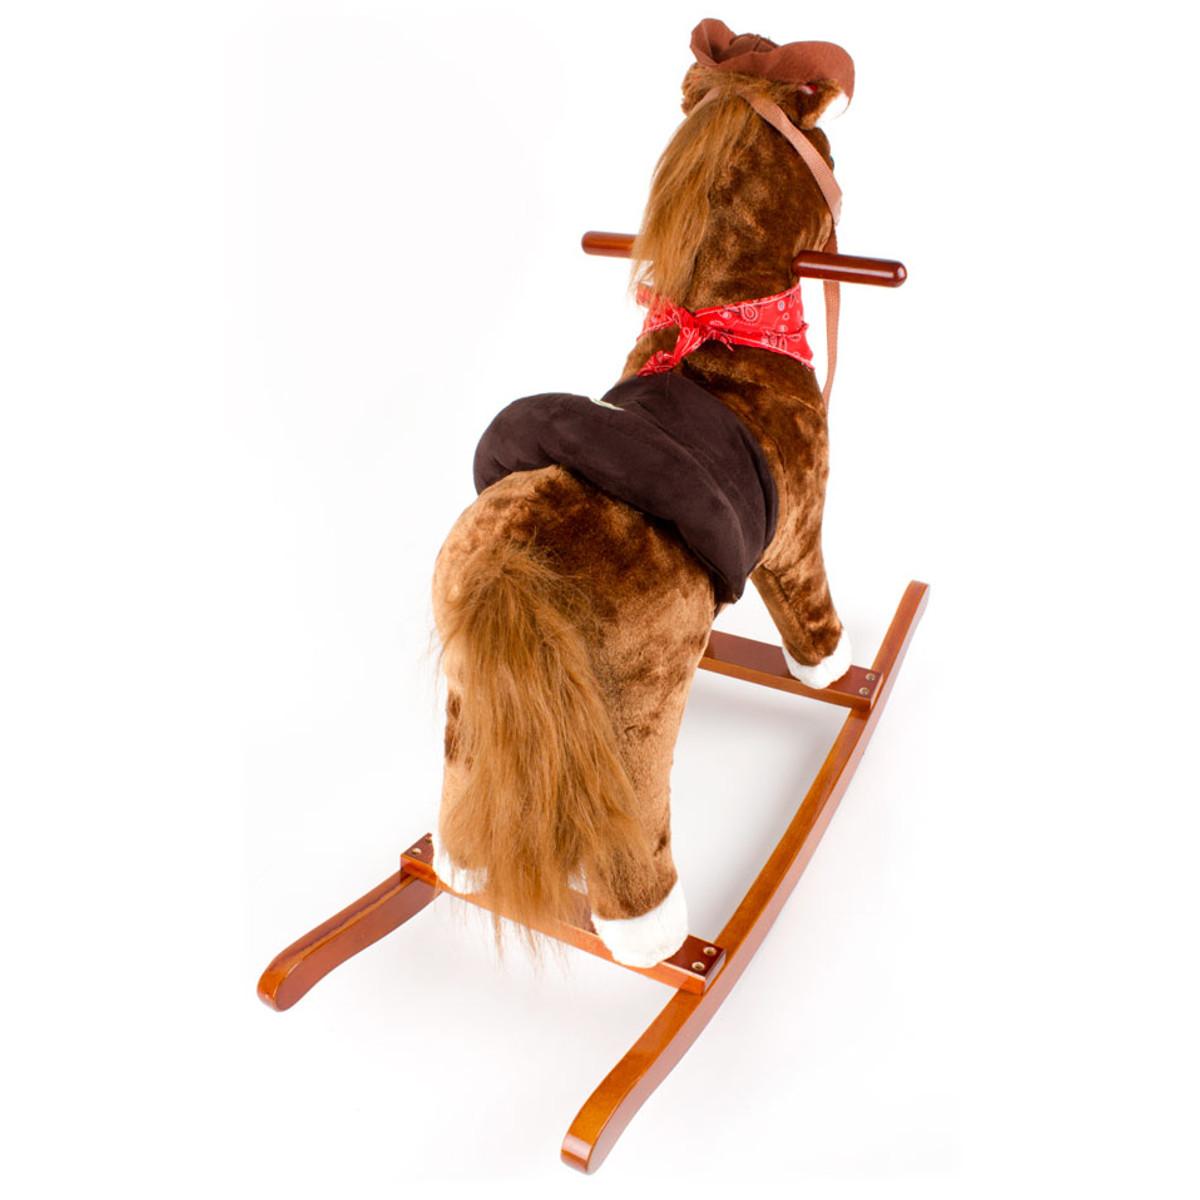 Baby altalena cavallo a dondolo peluche giocattolo sega for Altalena a dondolo